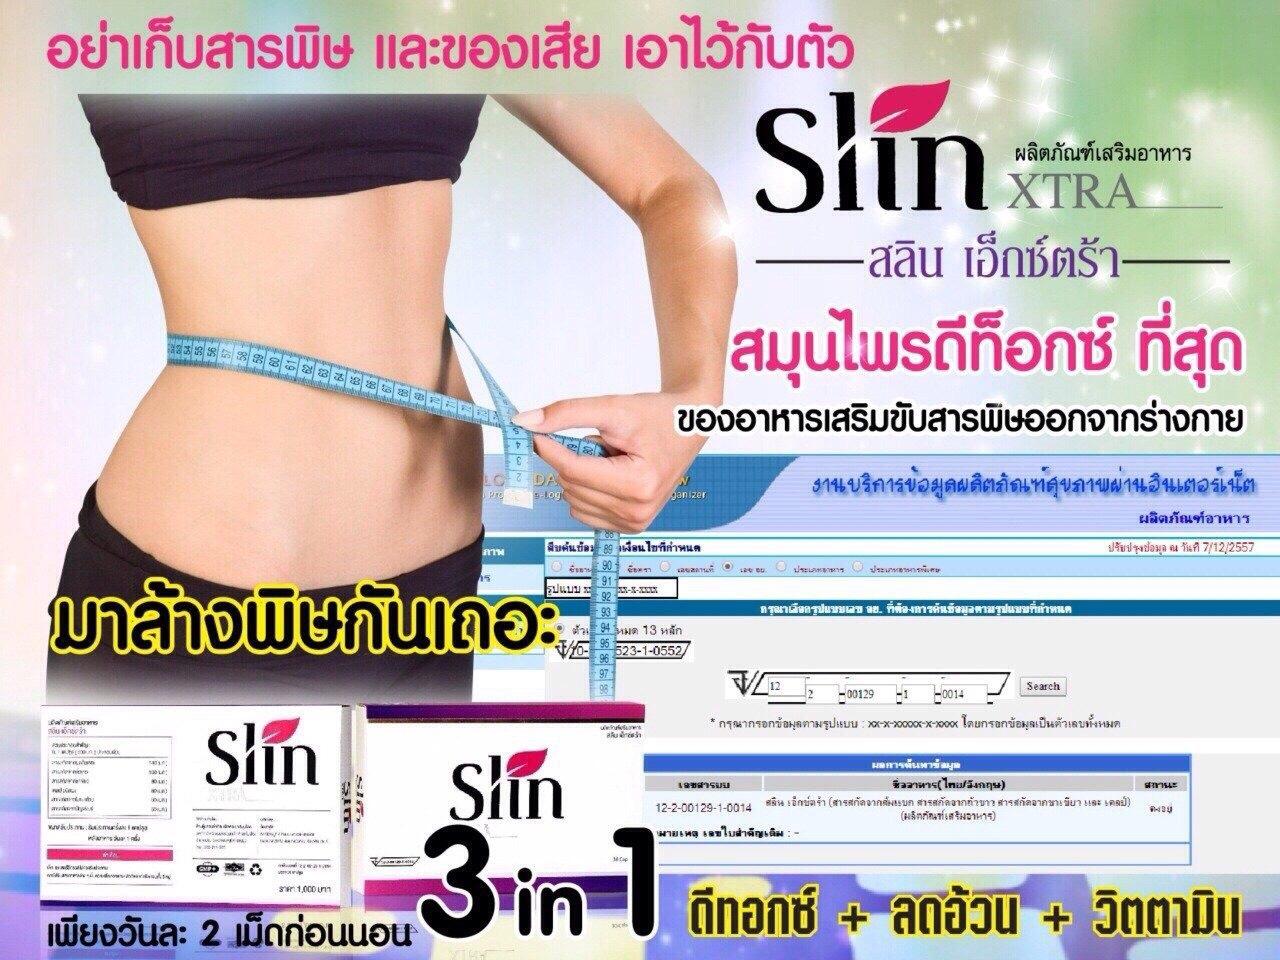 Slin XTRA Detox Dietary Vitamin Spirulina Herbal Extract slimming Supplement